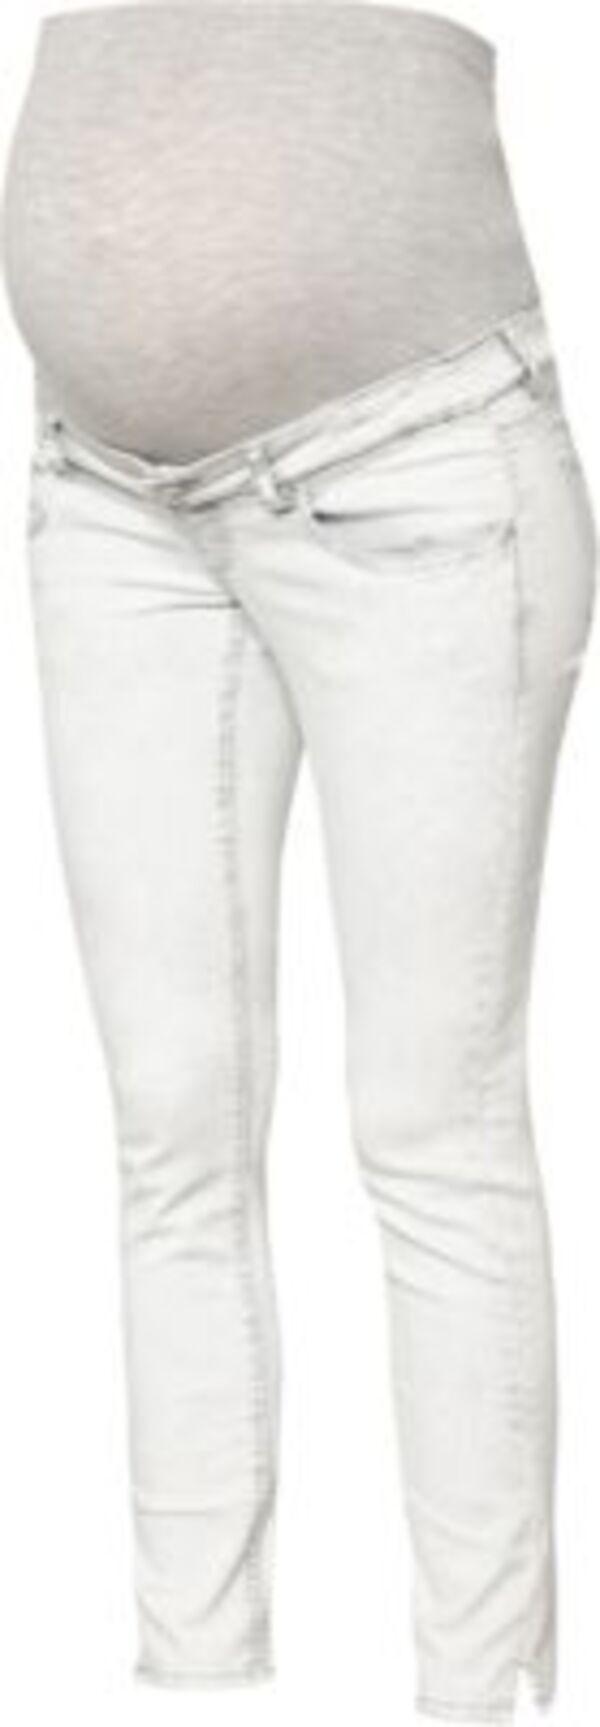 MLDETROIT 7/8 STONE WASH SLIM JEANS - Umstandsjeans - weiblich light grey denim Gr. W32/L32 Damen Kinder